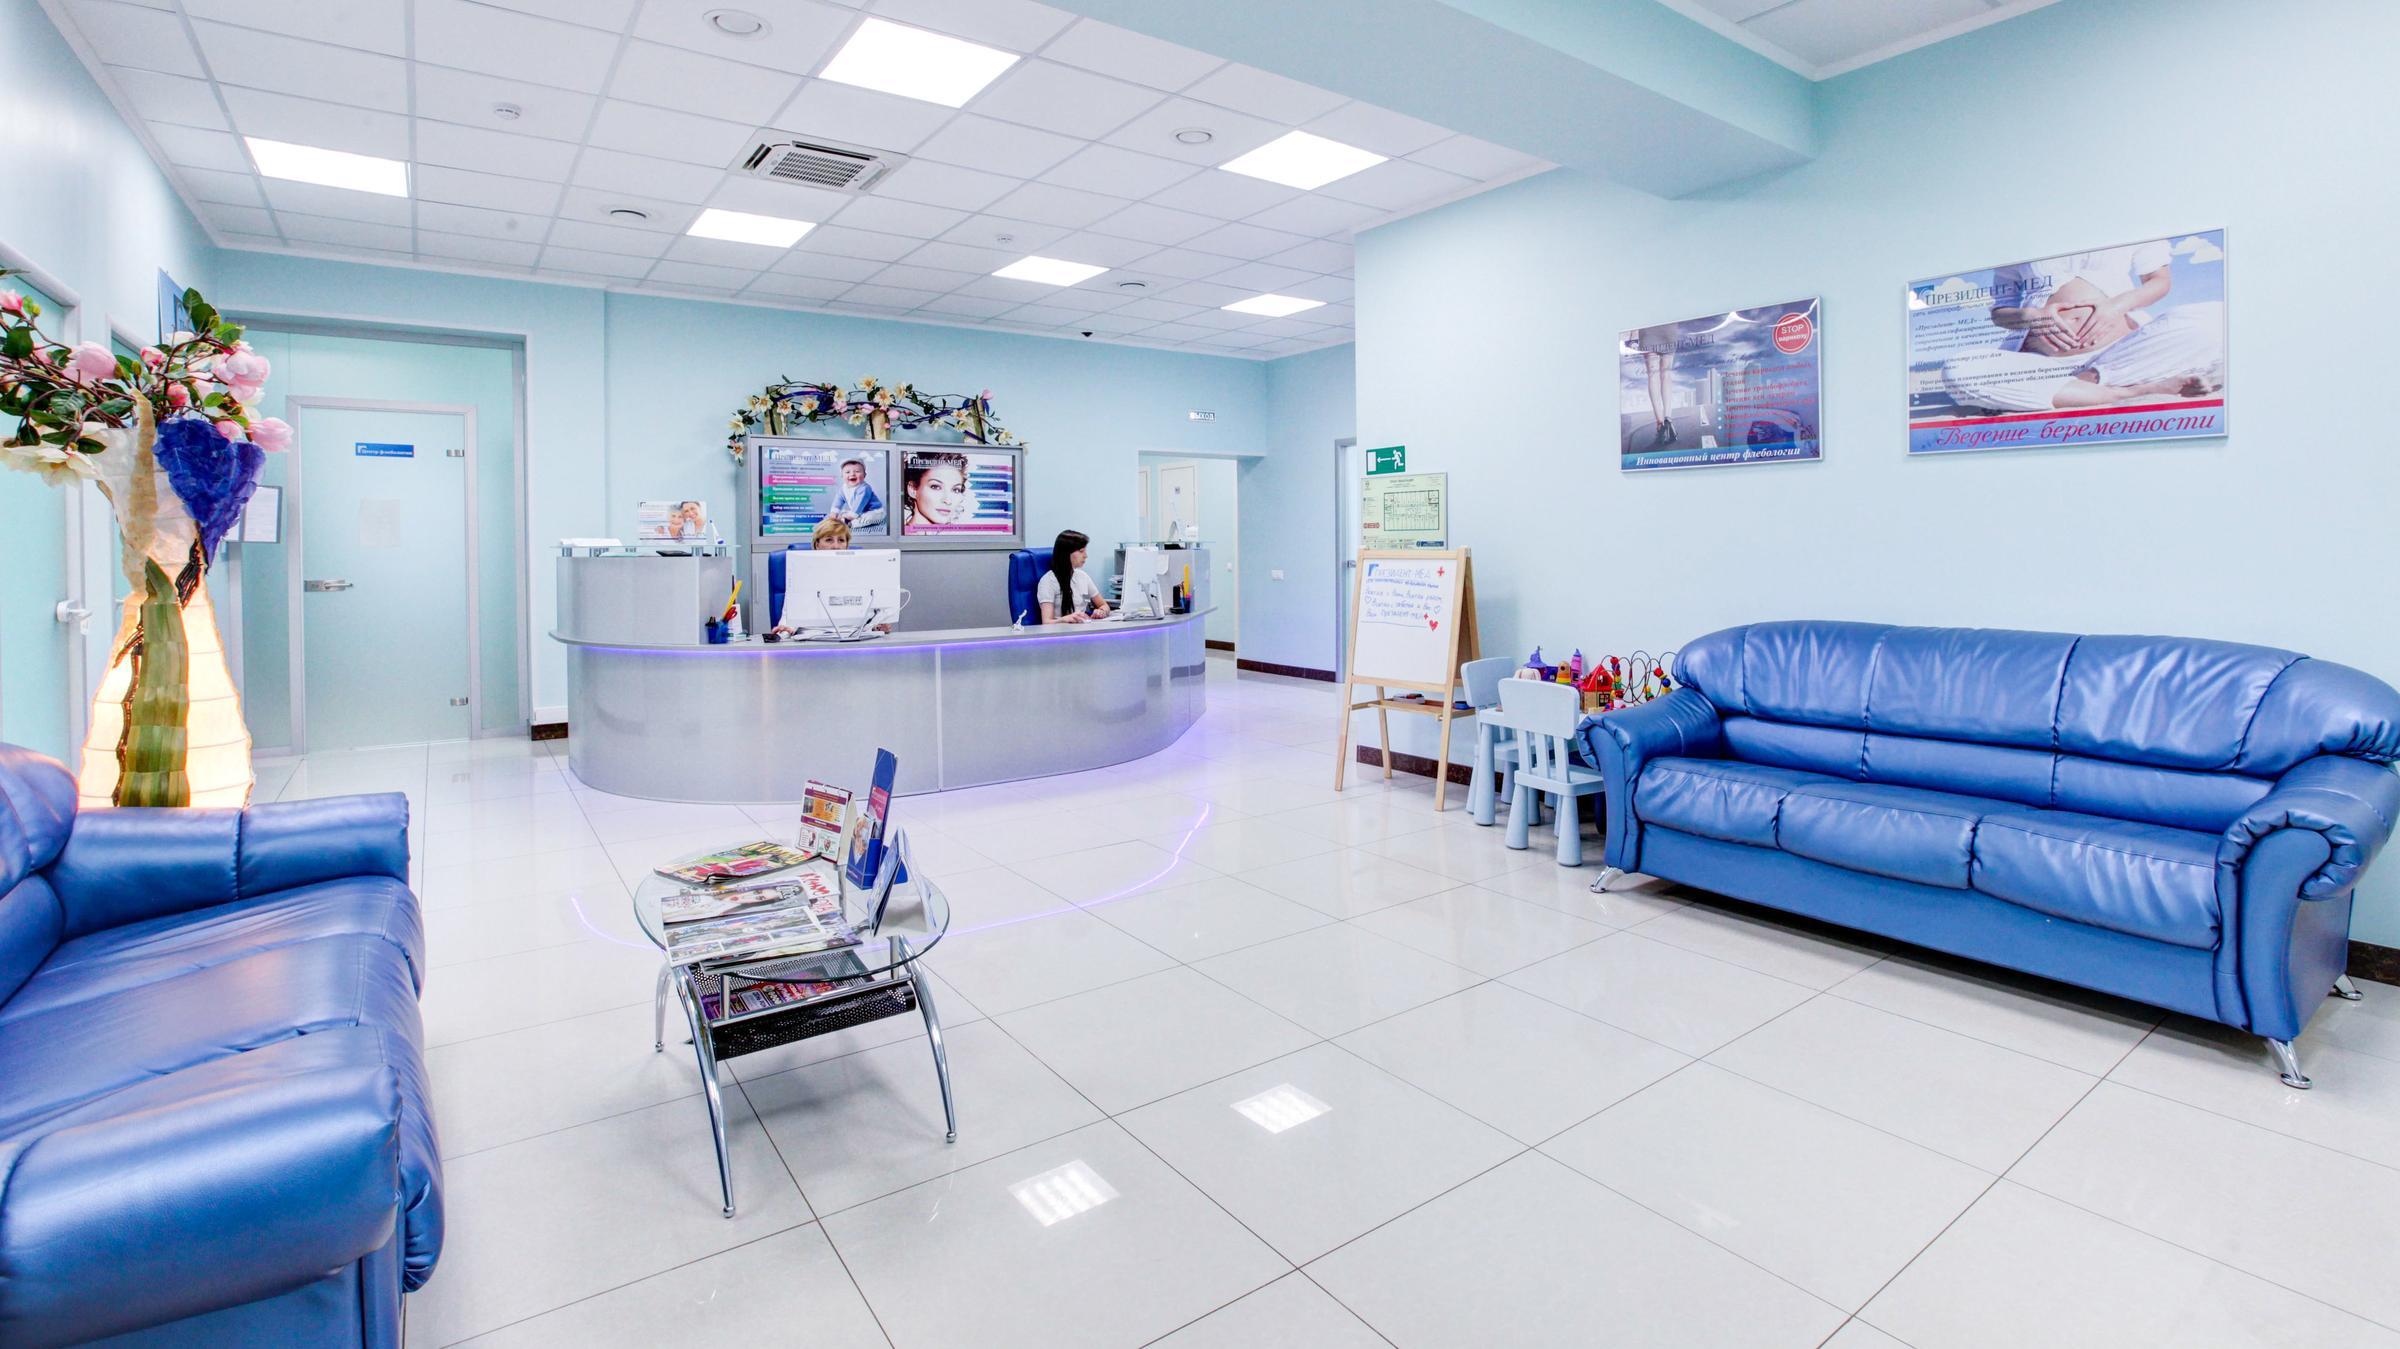 фотография Медицинского центра Президент-Мед на Якорной улице